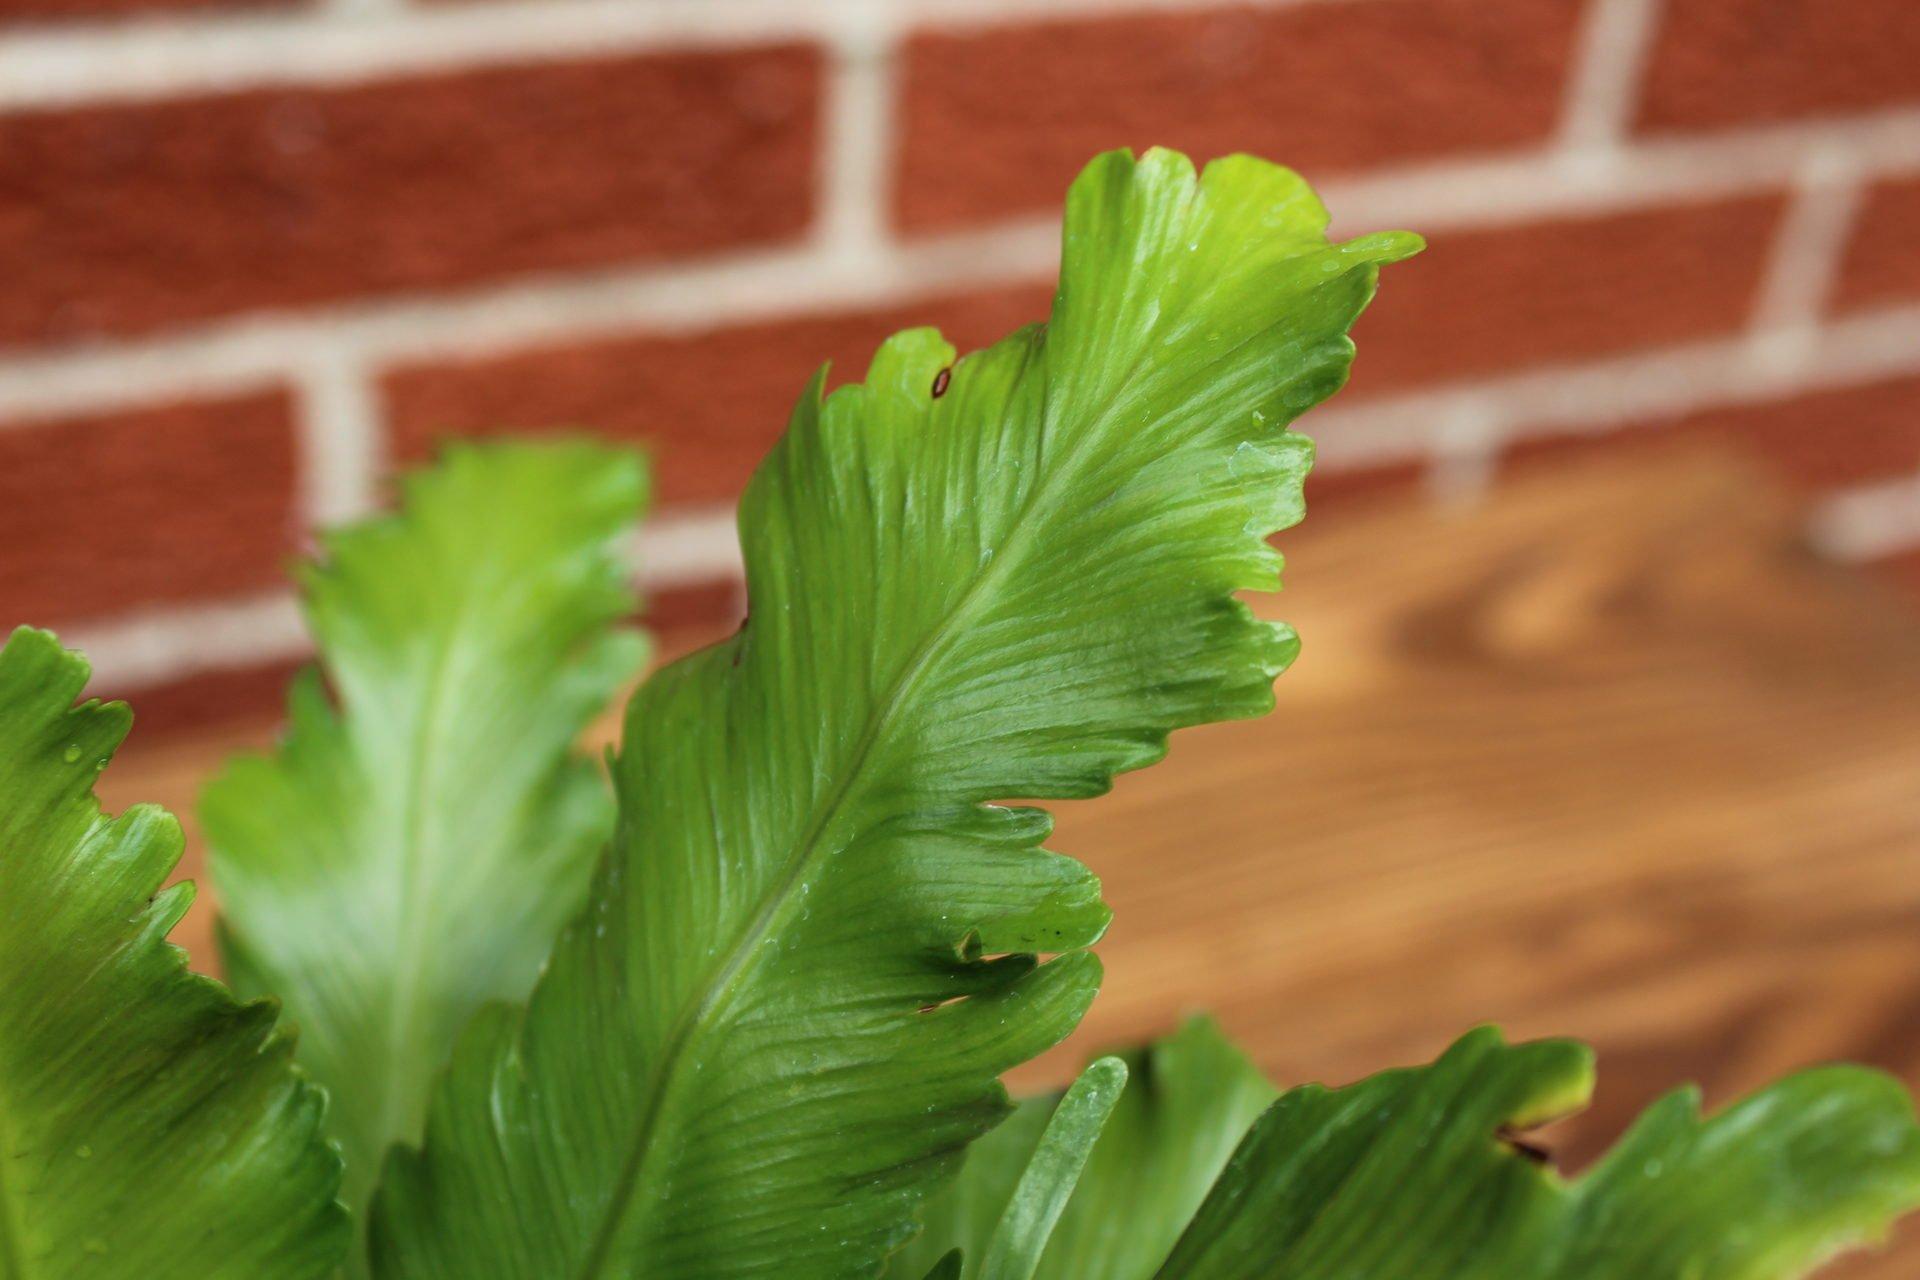 Cleaned leaf